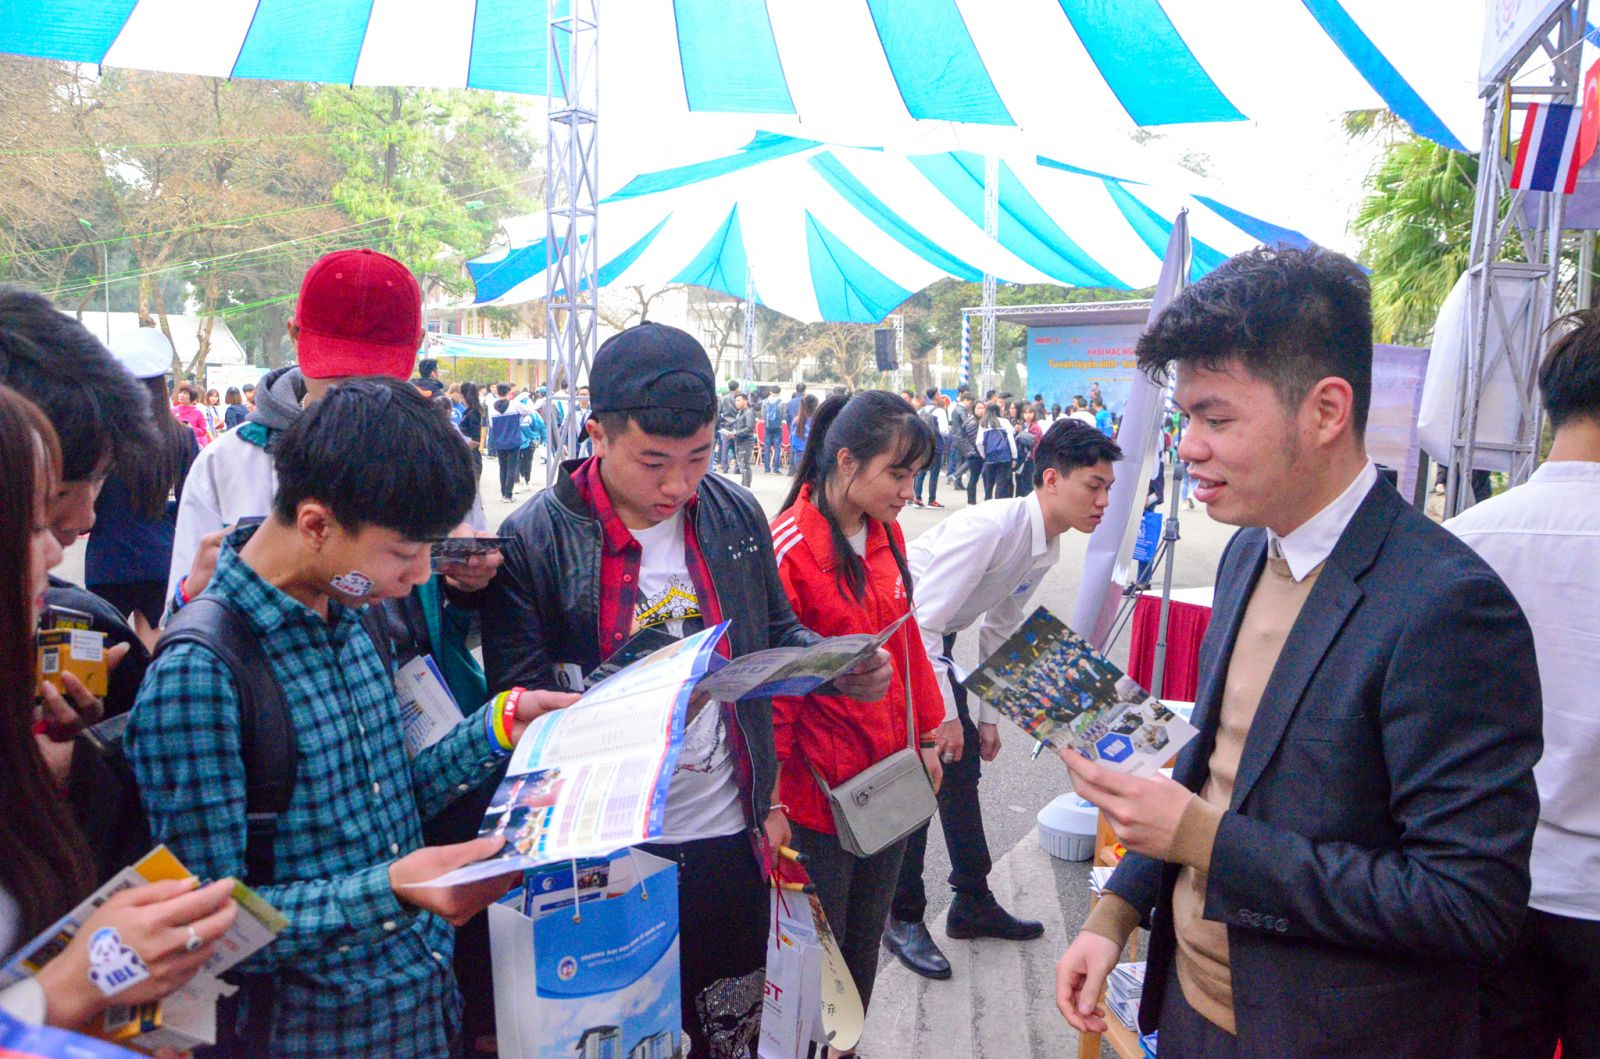 Viện Đào tạo Quốc tế tham gia ngày Hội tư vấn Tuyển sinh & Hướng nghiệp năm  2018 tại trường Đại học Bách Khoa - Hà Nội